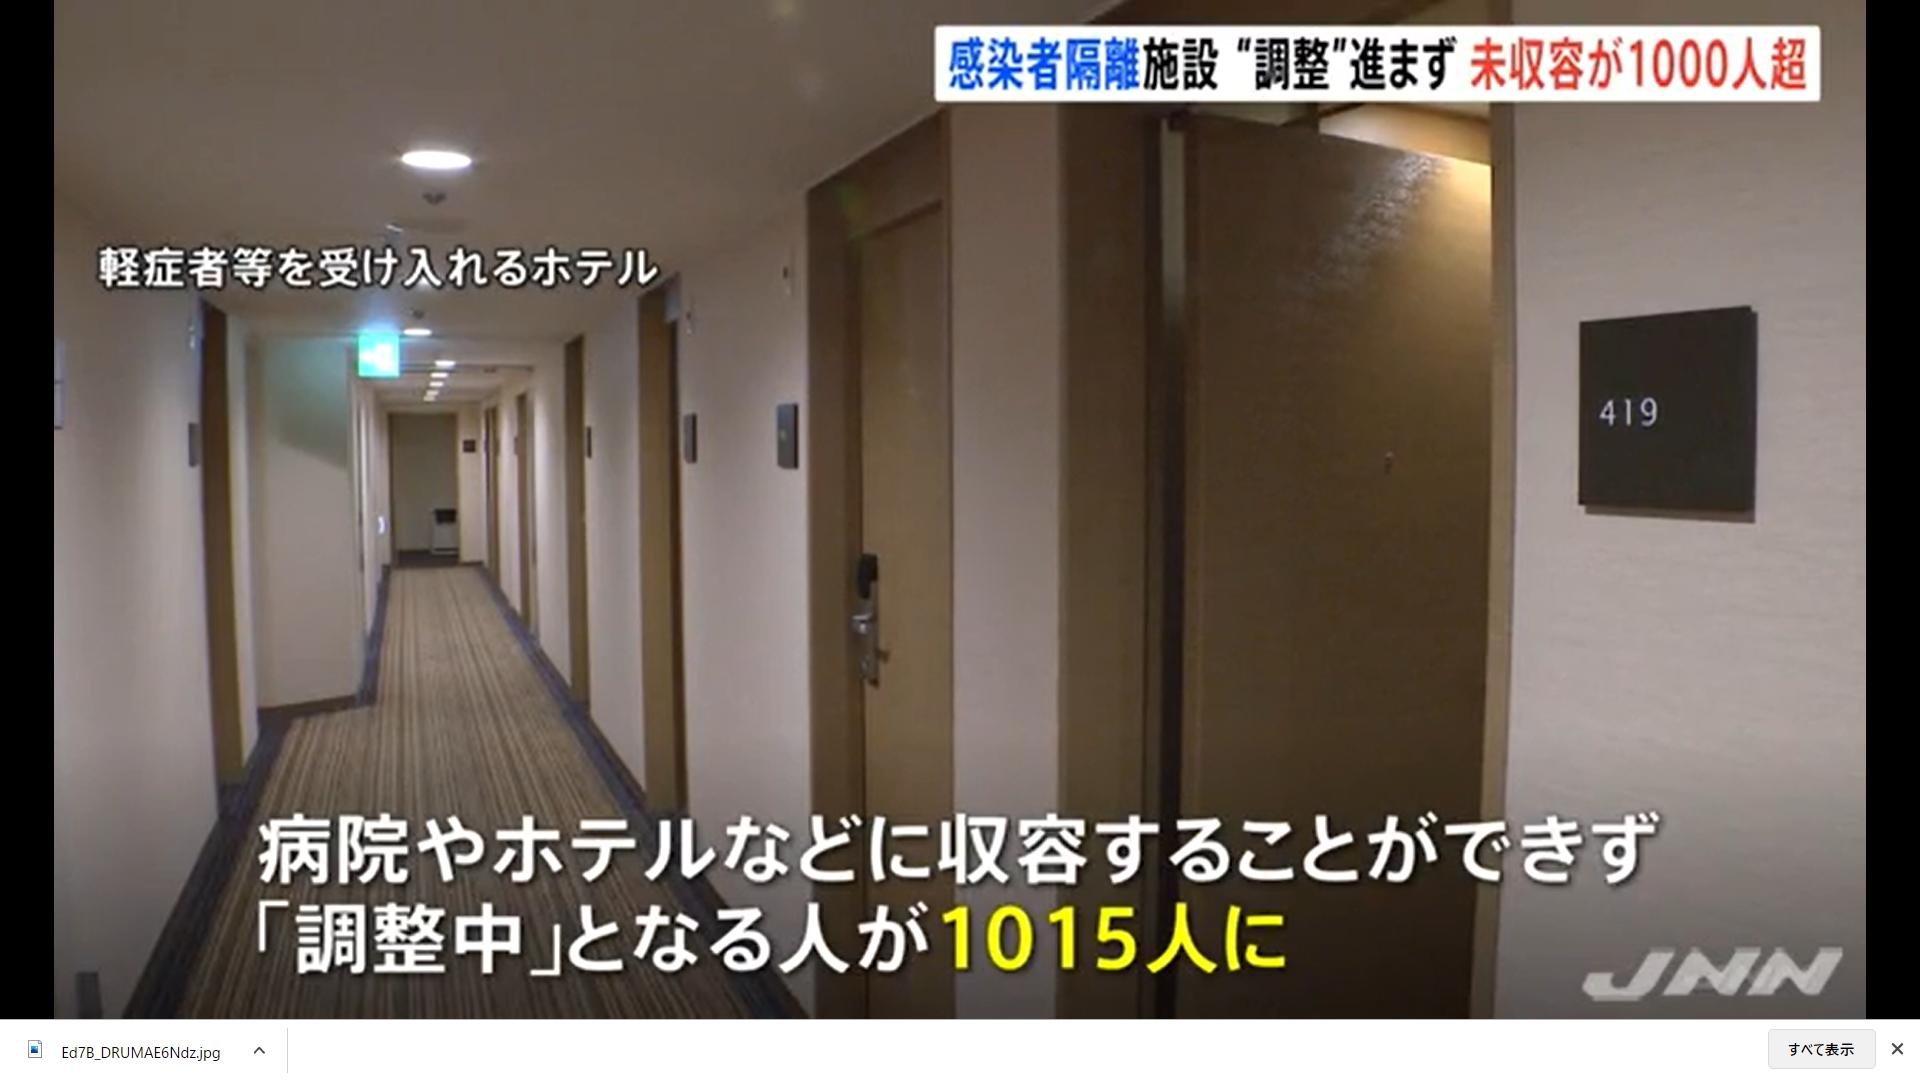 死亡者少ないから大丈夫はウソ!東京はコロナ1000人以上隔離なし